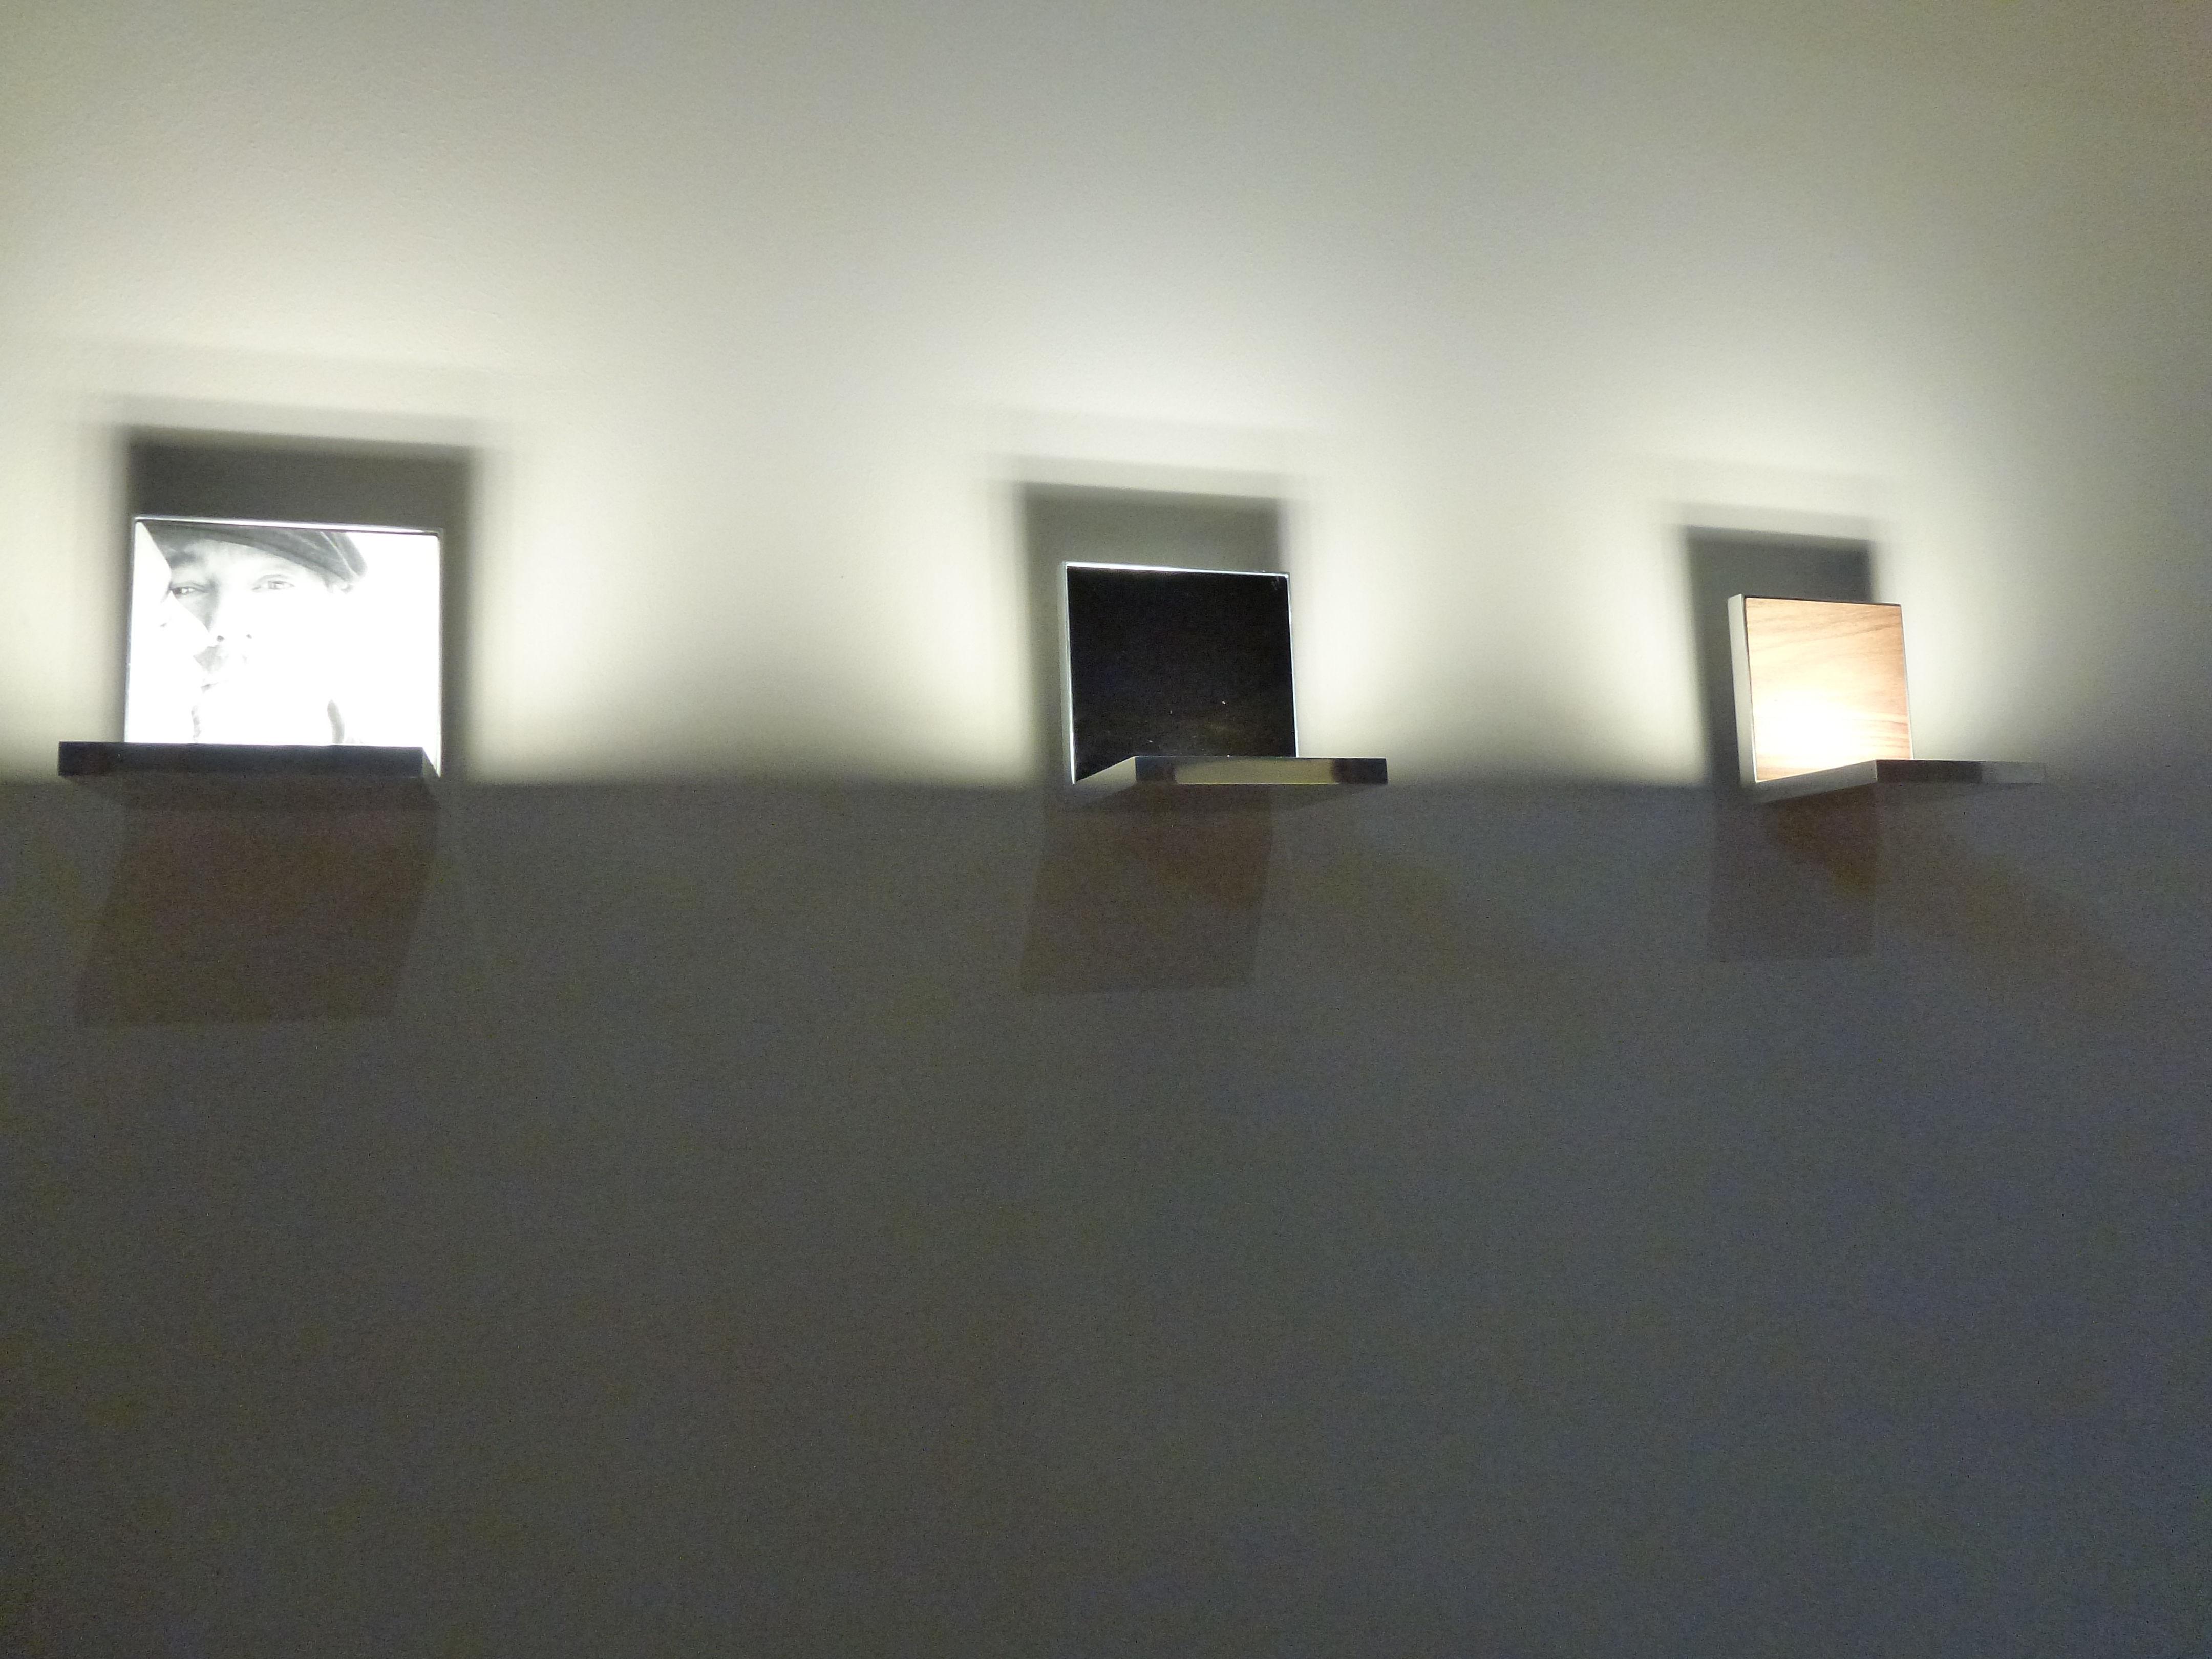 Flos illuminazione esterni flos si compra le luci di ares u